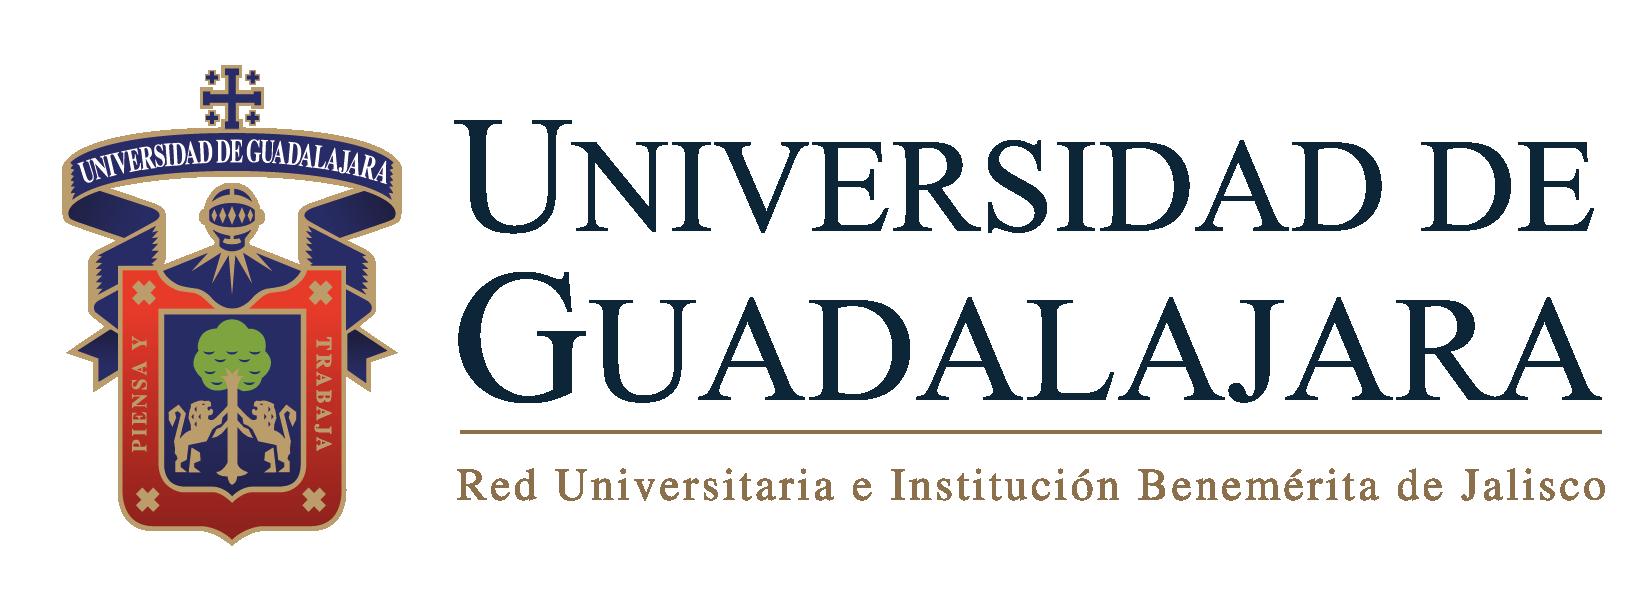 universidad-de-guadalajara-31544721